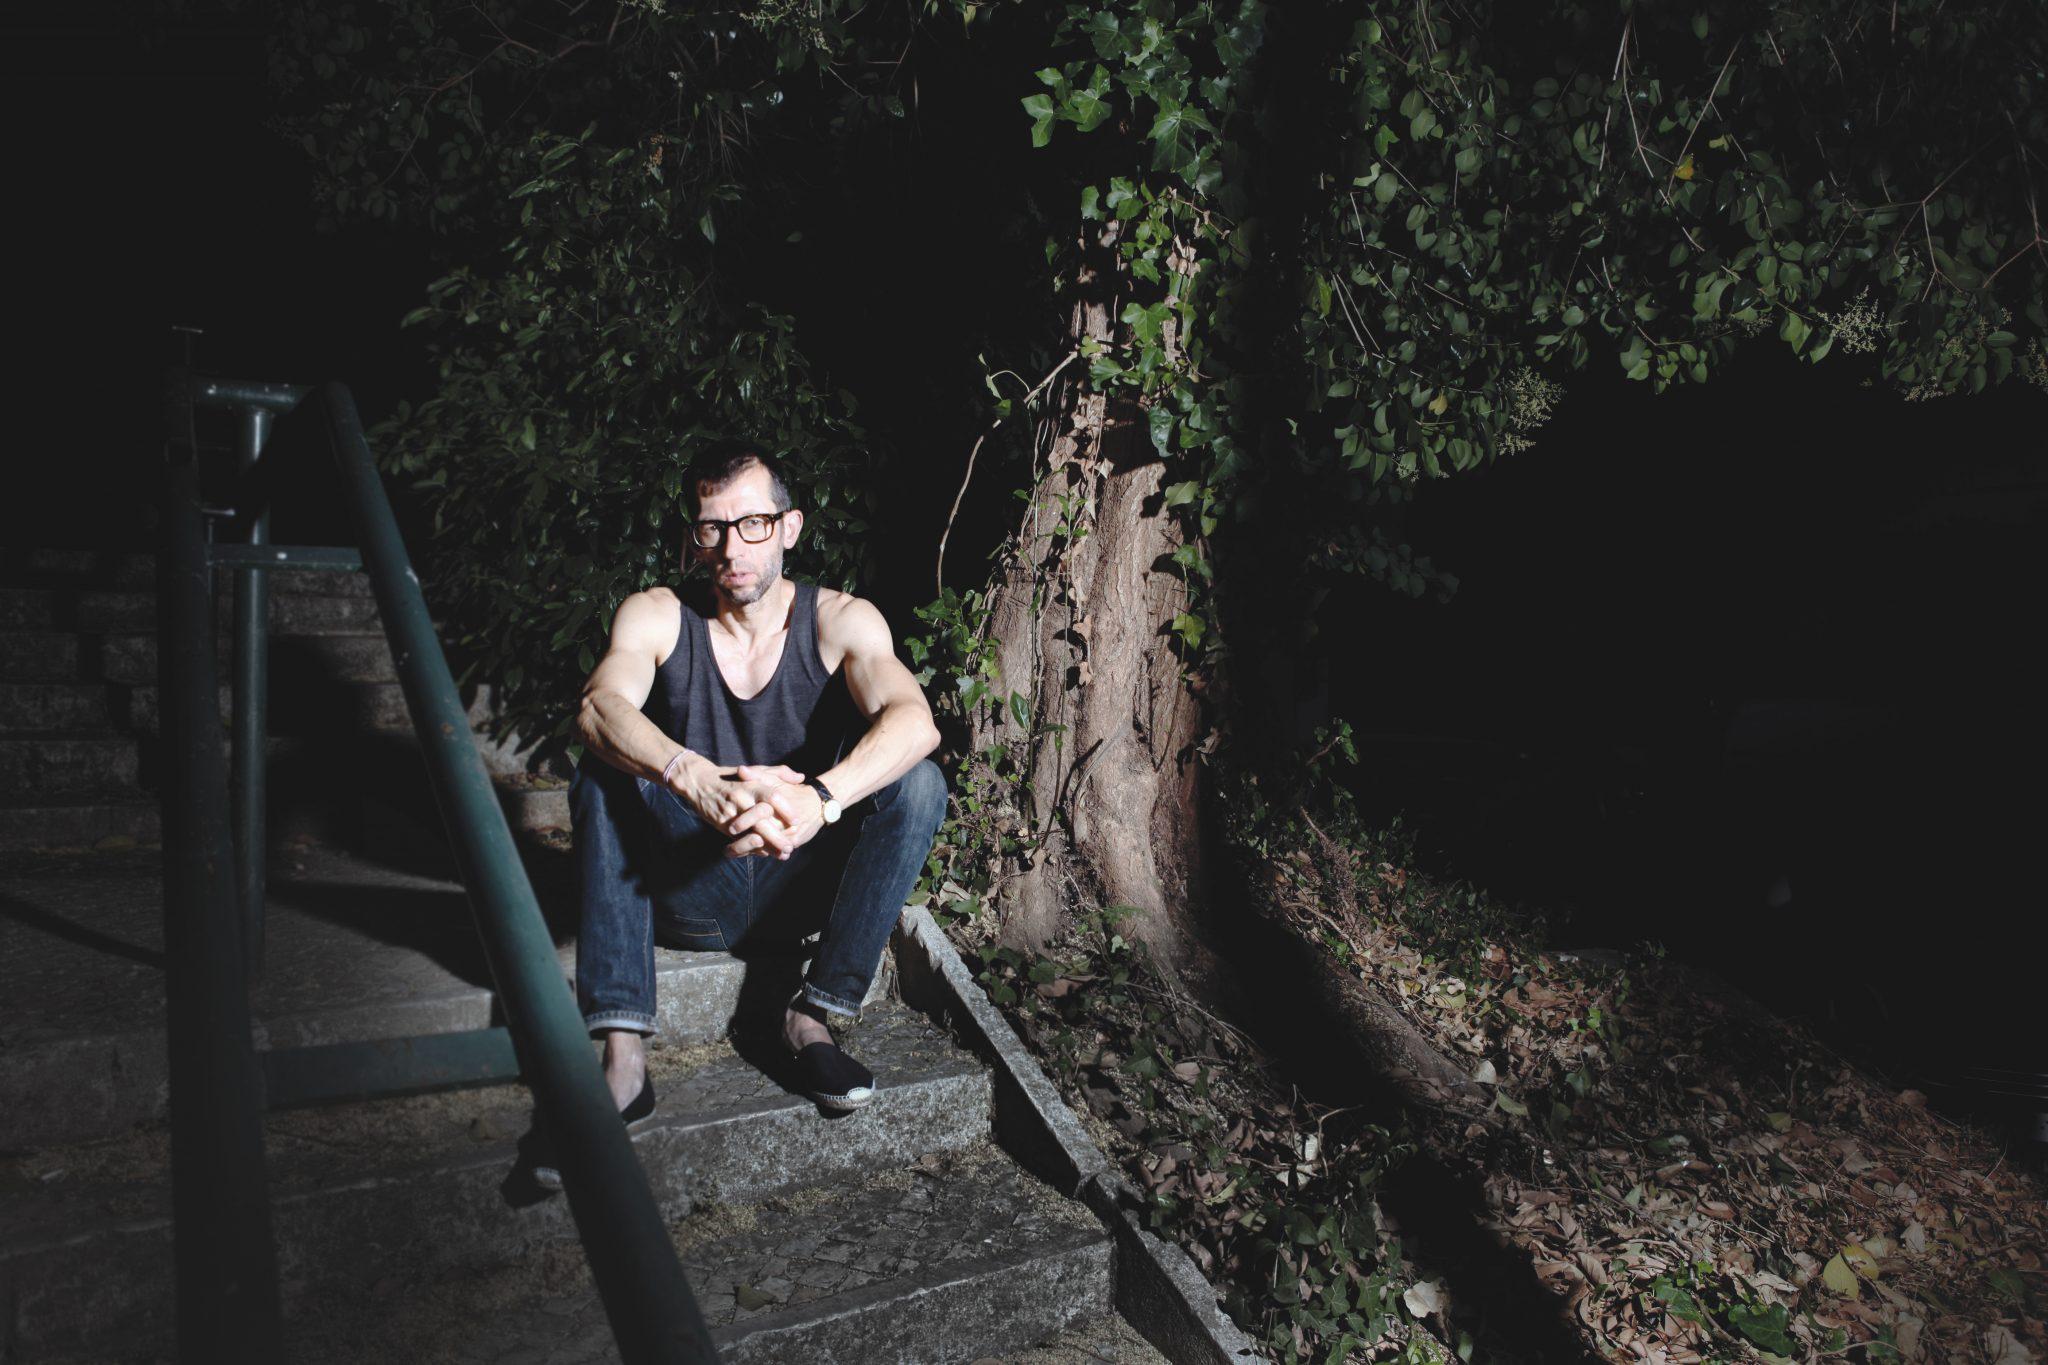 L'ornithologue film réalisateur photo